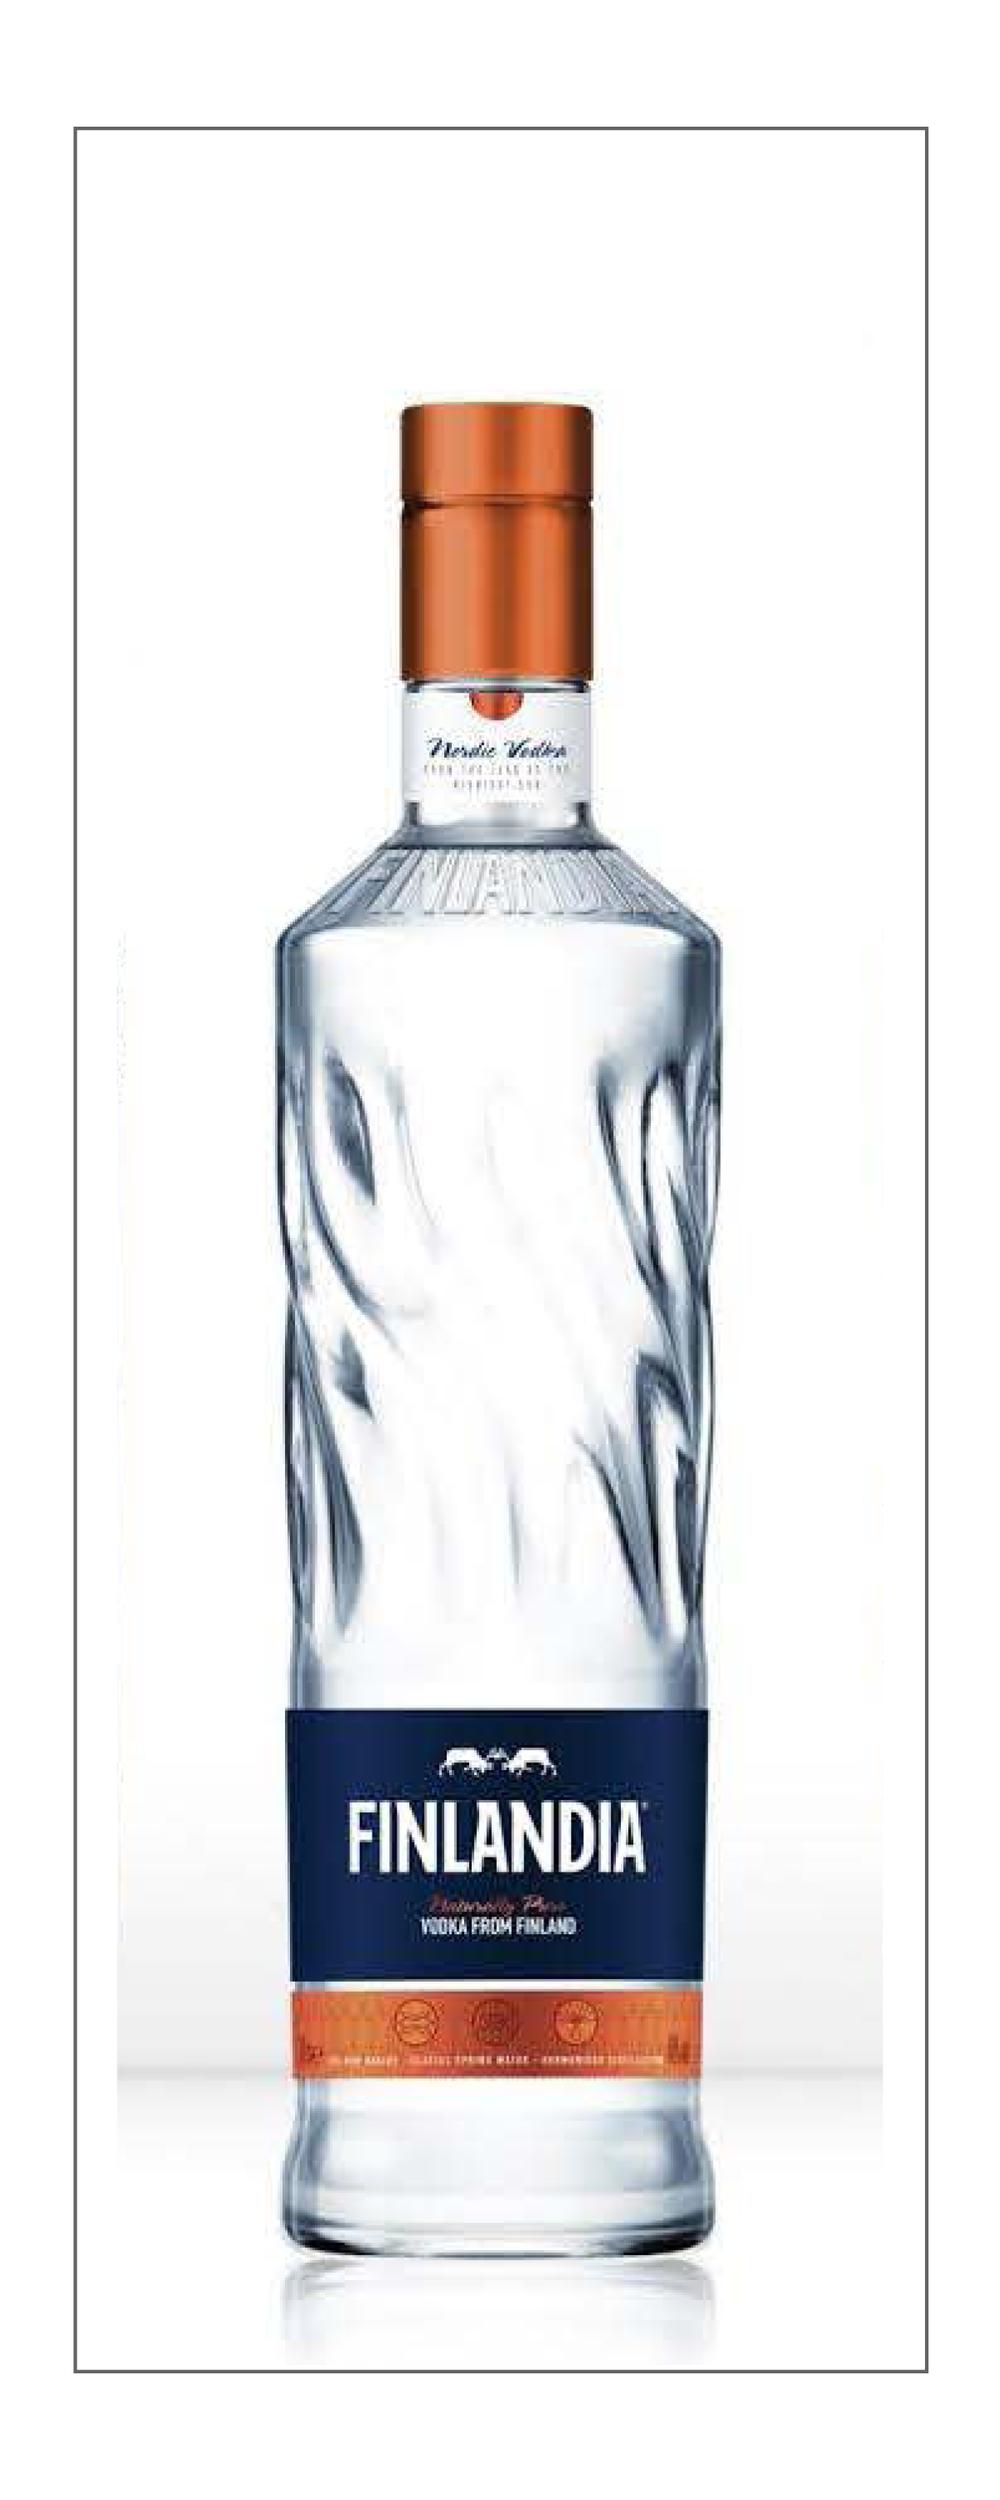 FV_Bottle_concepts25.png